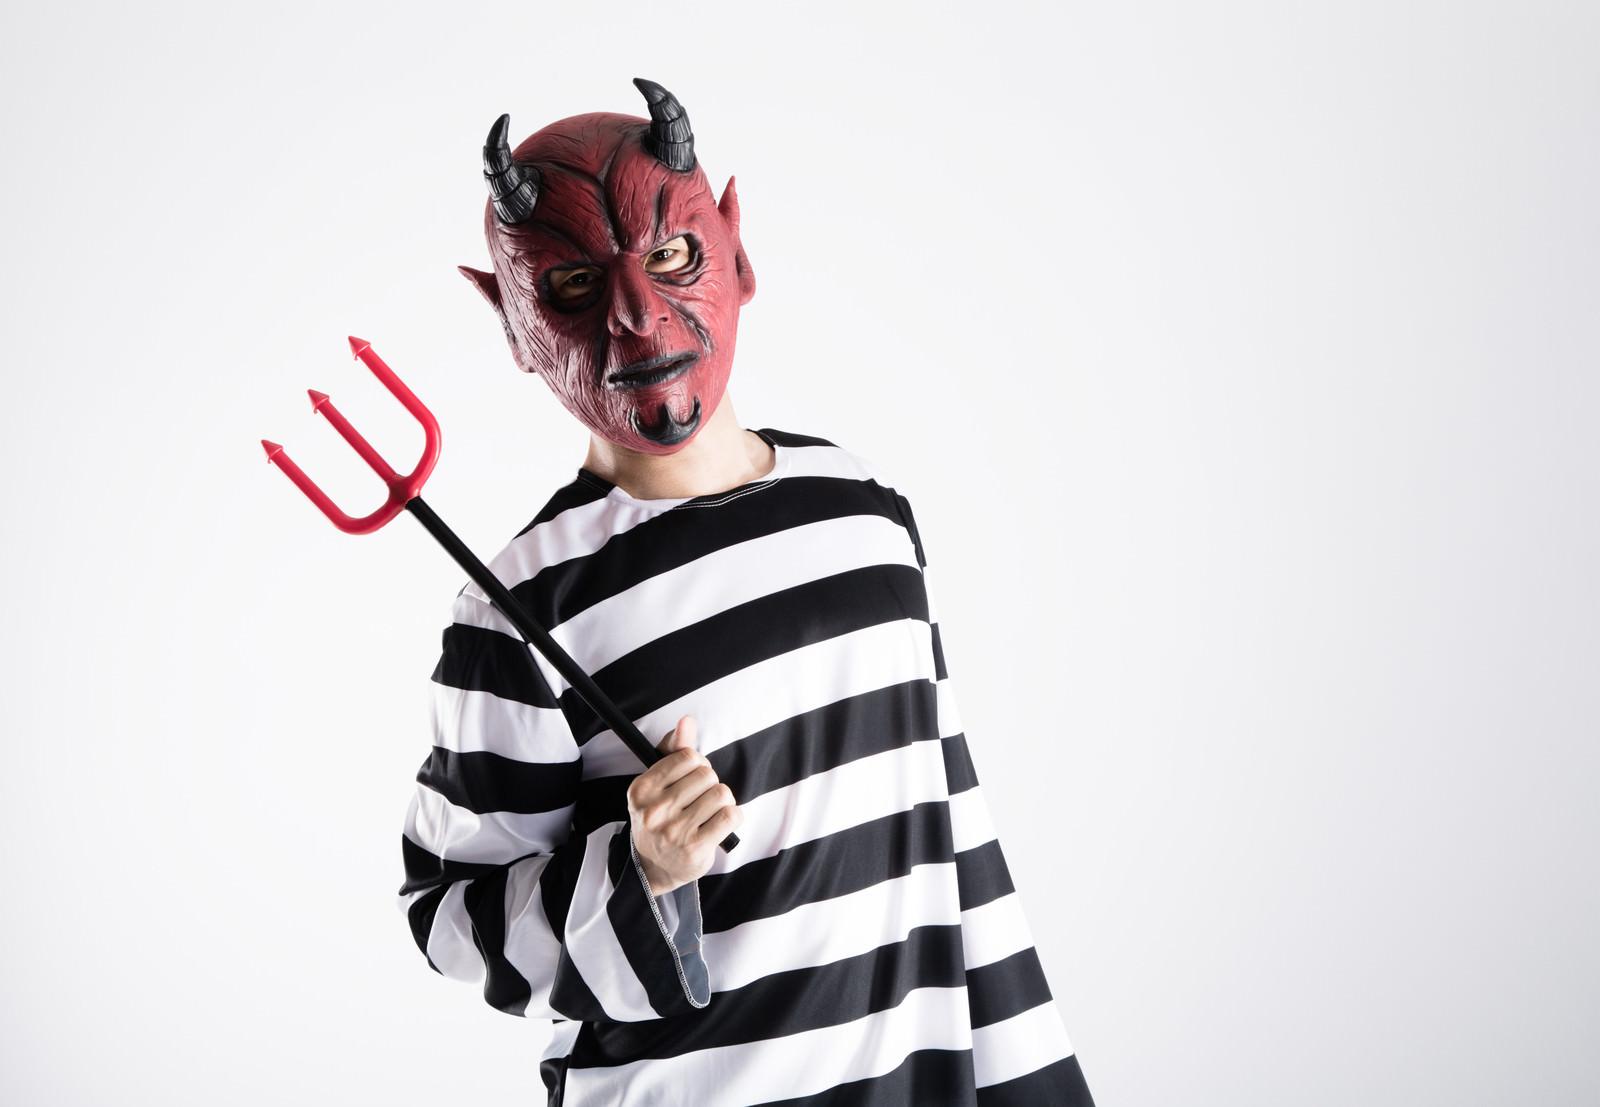 「サードウェーブ系男子のファッションを取り入れた悪魔」の写真[モデル:大川竜弥]